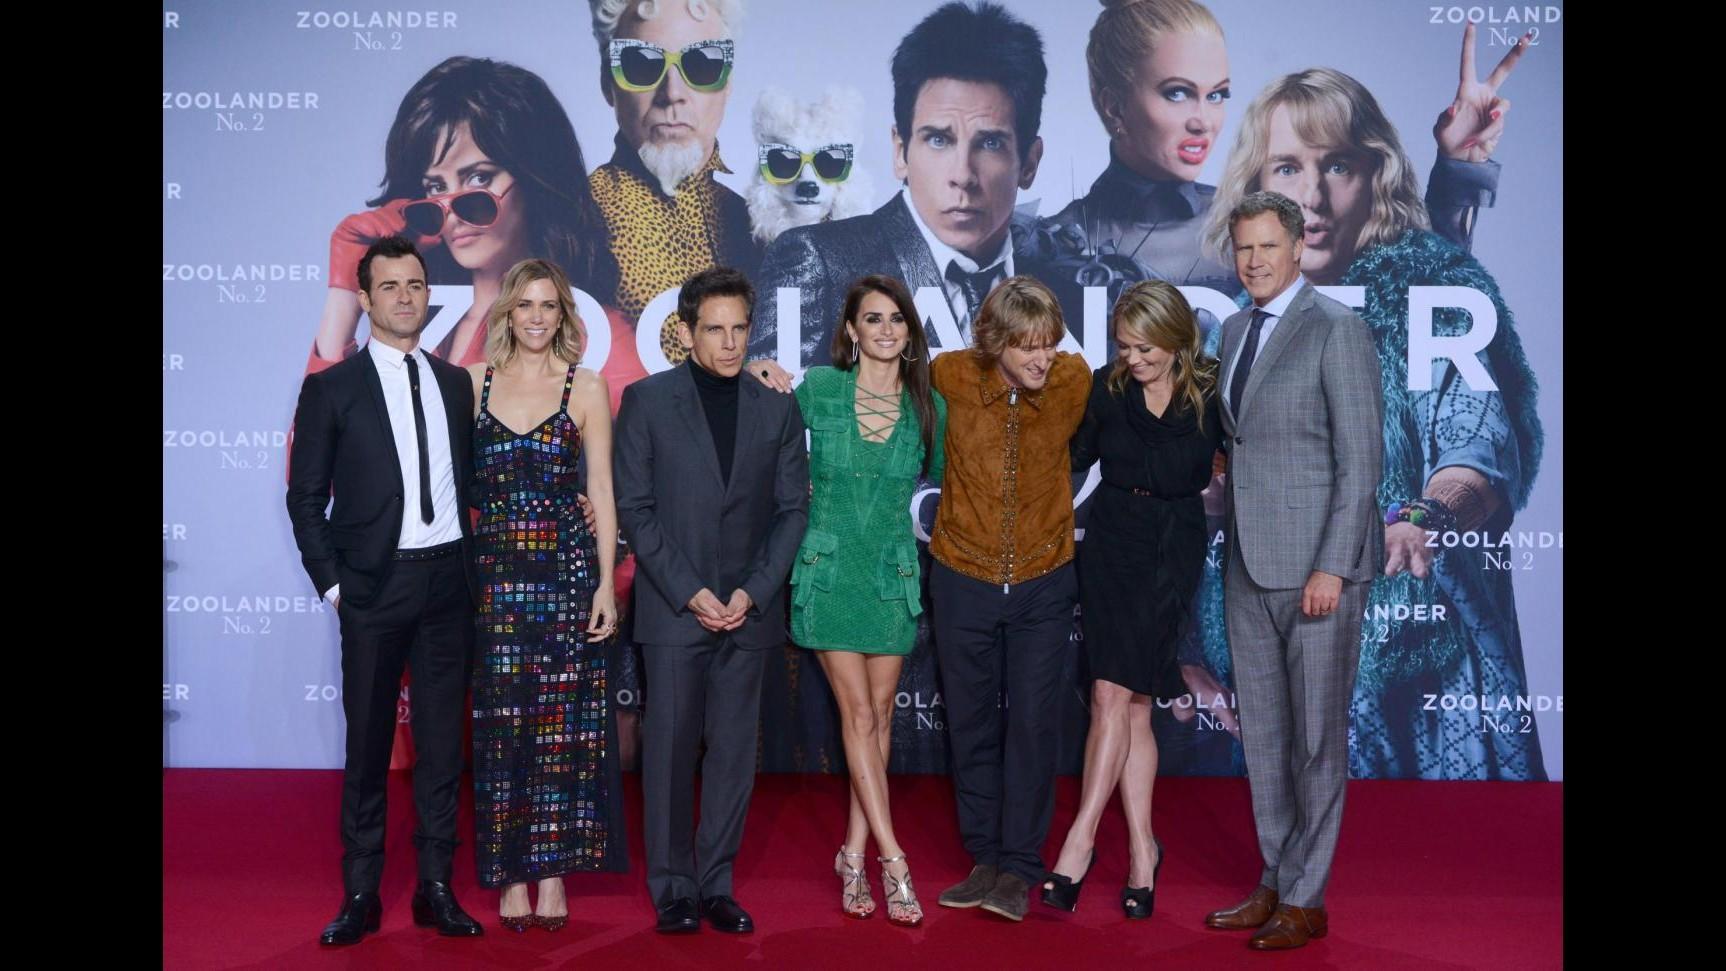 'Zoolander 2' arriva a Berlino: cast sul red carpet